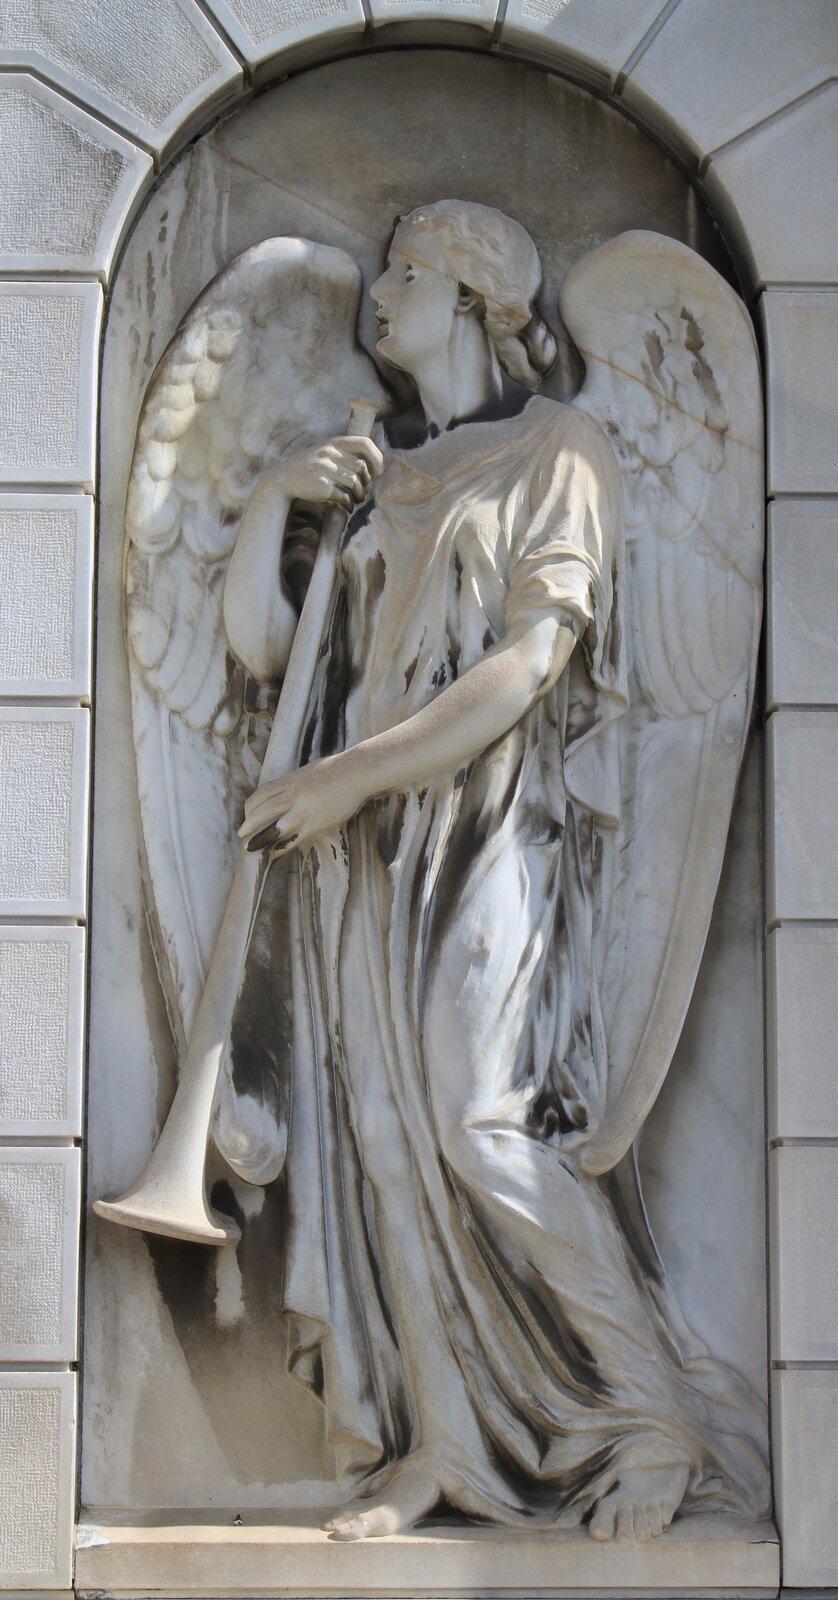 Ilustracja przedstawia detal rzeźbiarski zmauzoleum rodziny Pirkershausen. Na zdjęciu znajduje się rzeźba anioła odużych skrzydłach, wpowłóczystej szcie zdługą trąbą wrękach. Ustawiona wkontrapoście postać lekko wychyla się wprawą stronę, twarz ujęta jest zprofilu. Rzeźba wpisana jest wpółokrągłą wnękę. Anioł skrzydłami iplecami przylega do ściany.